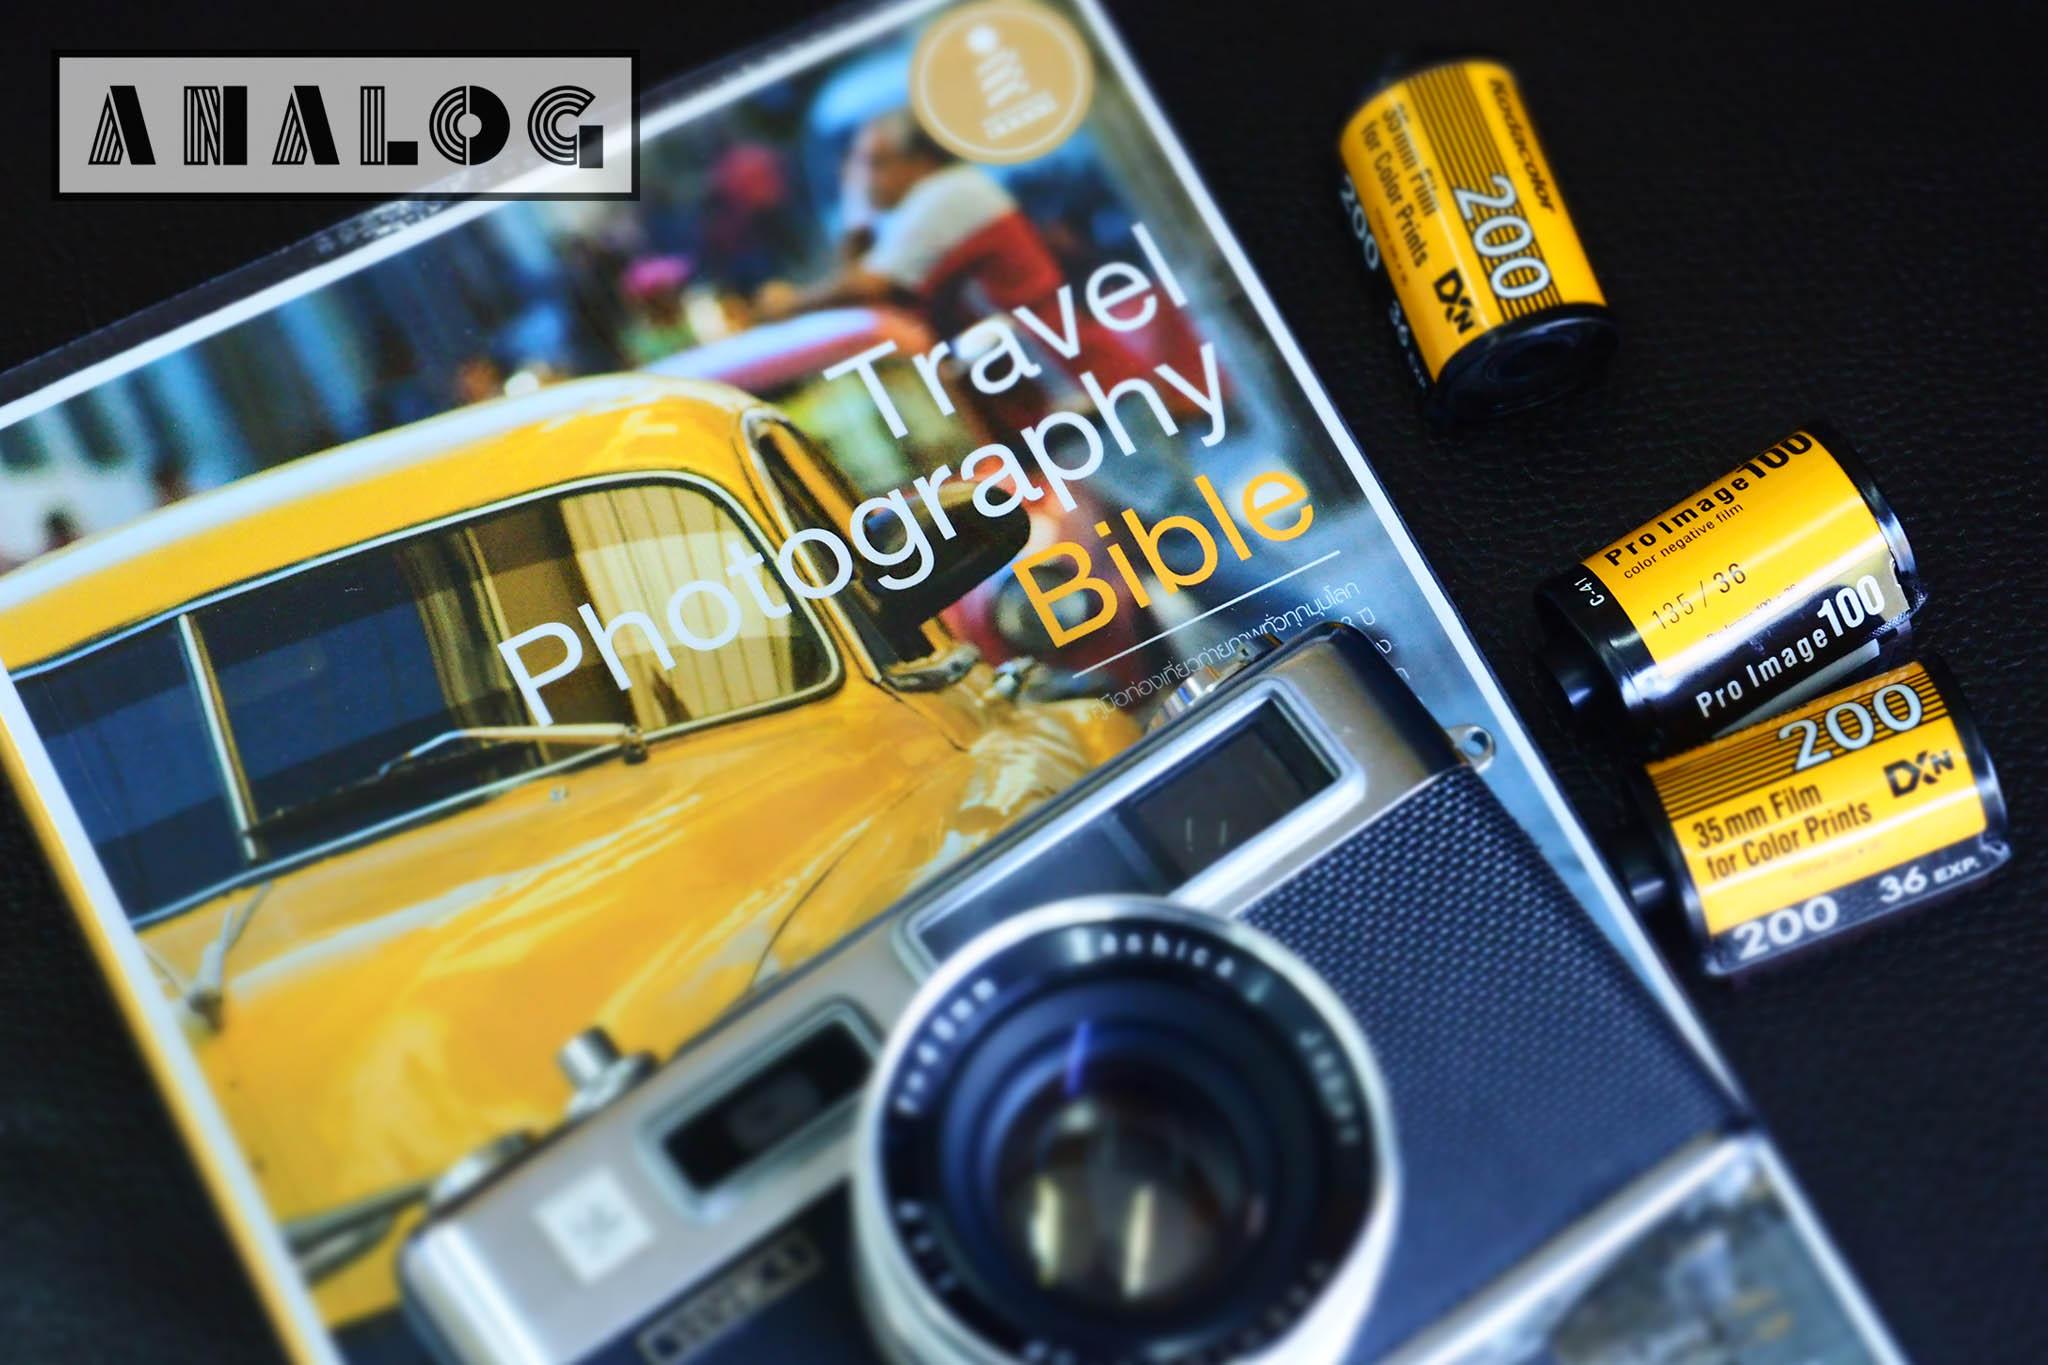 อัดรูปออนไลน์ราคาถูก - ANALOG PhotoLab